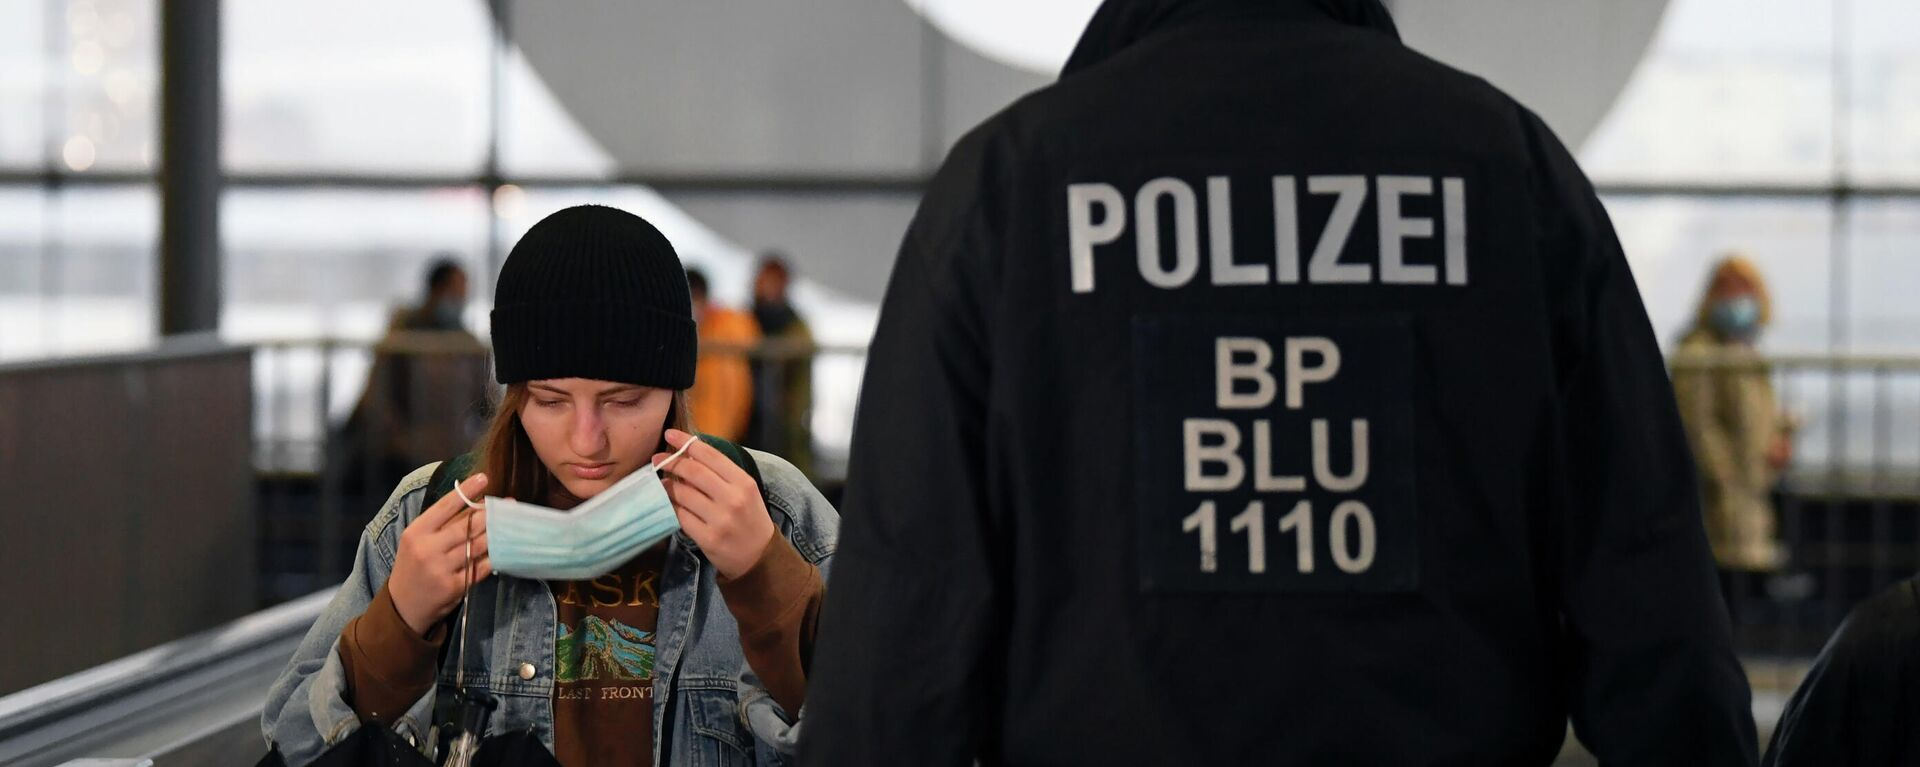 Polizei in Deutschland (Archivbild) - SNA, 1920, 06.01.2021